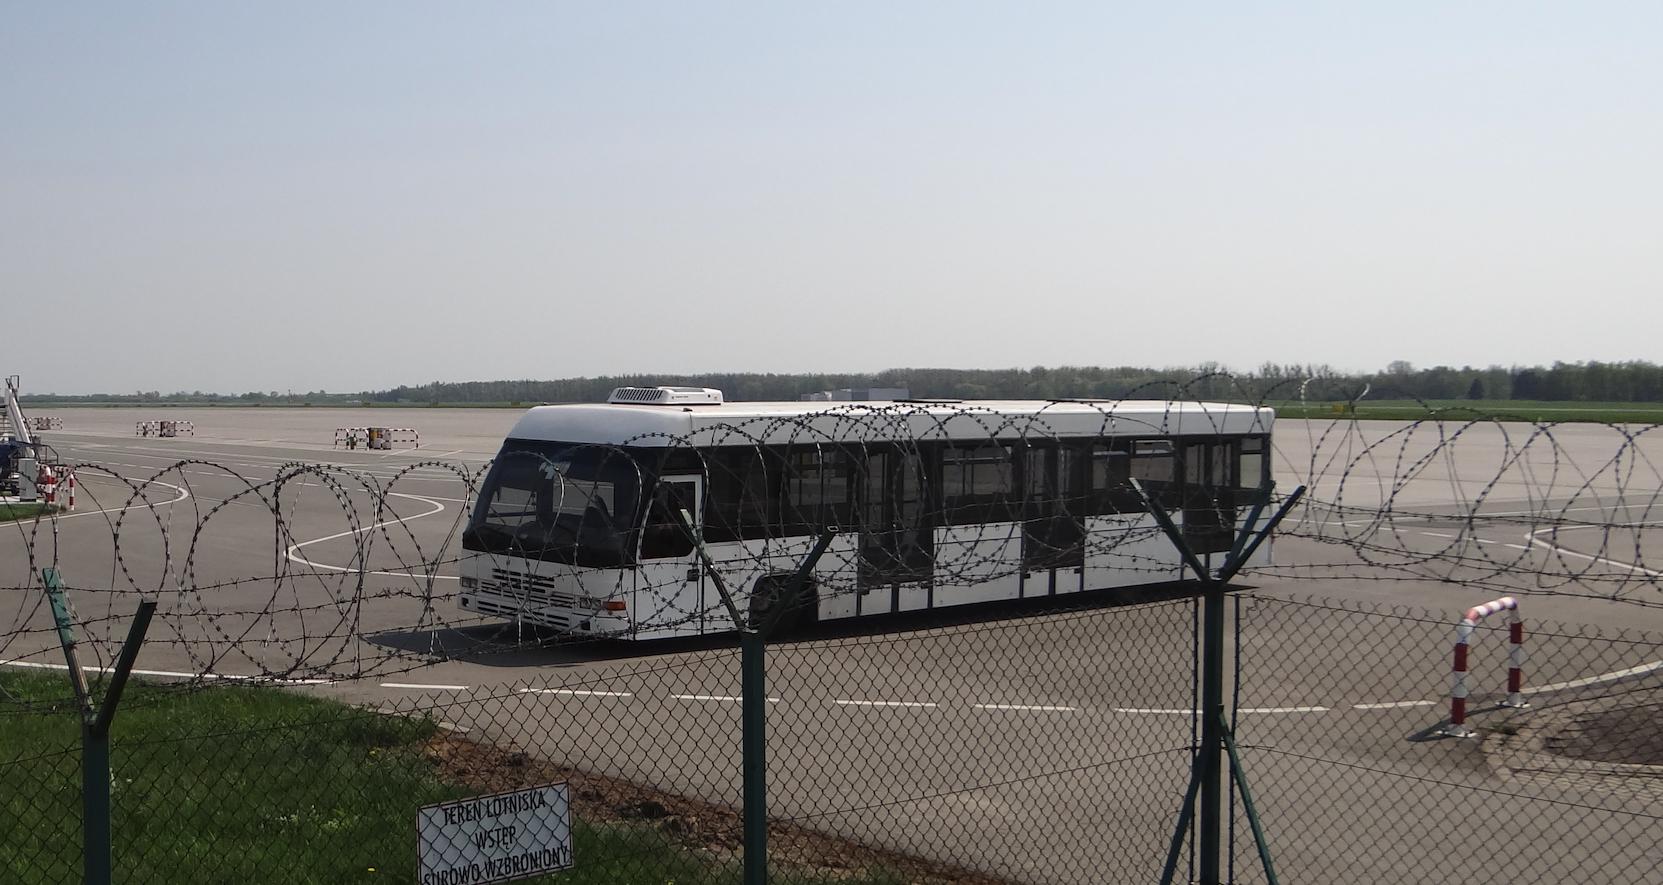 Lotnisko Strachowice. Autobus peronowy. 2018 rok. Zdjęcie Karol Placha Hetman